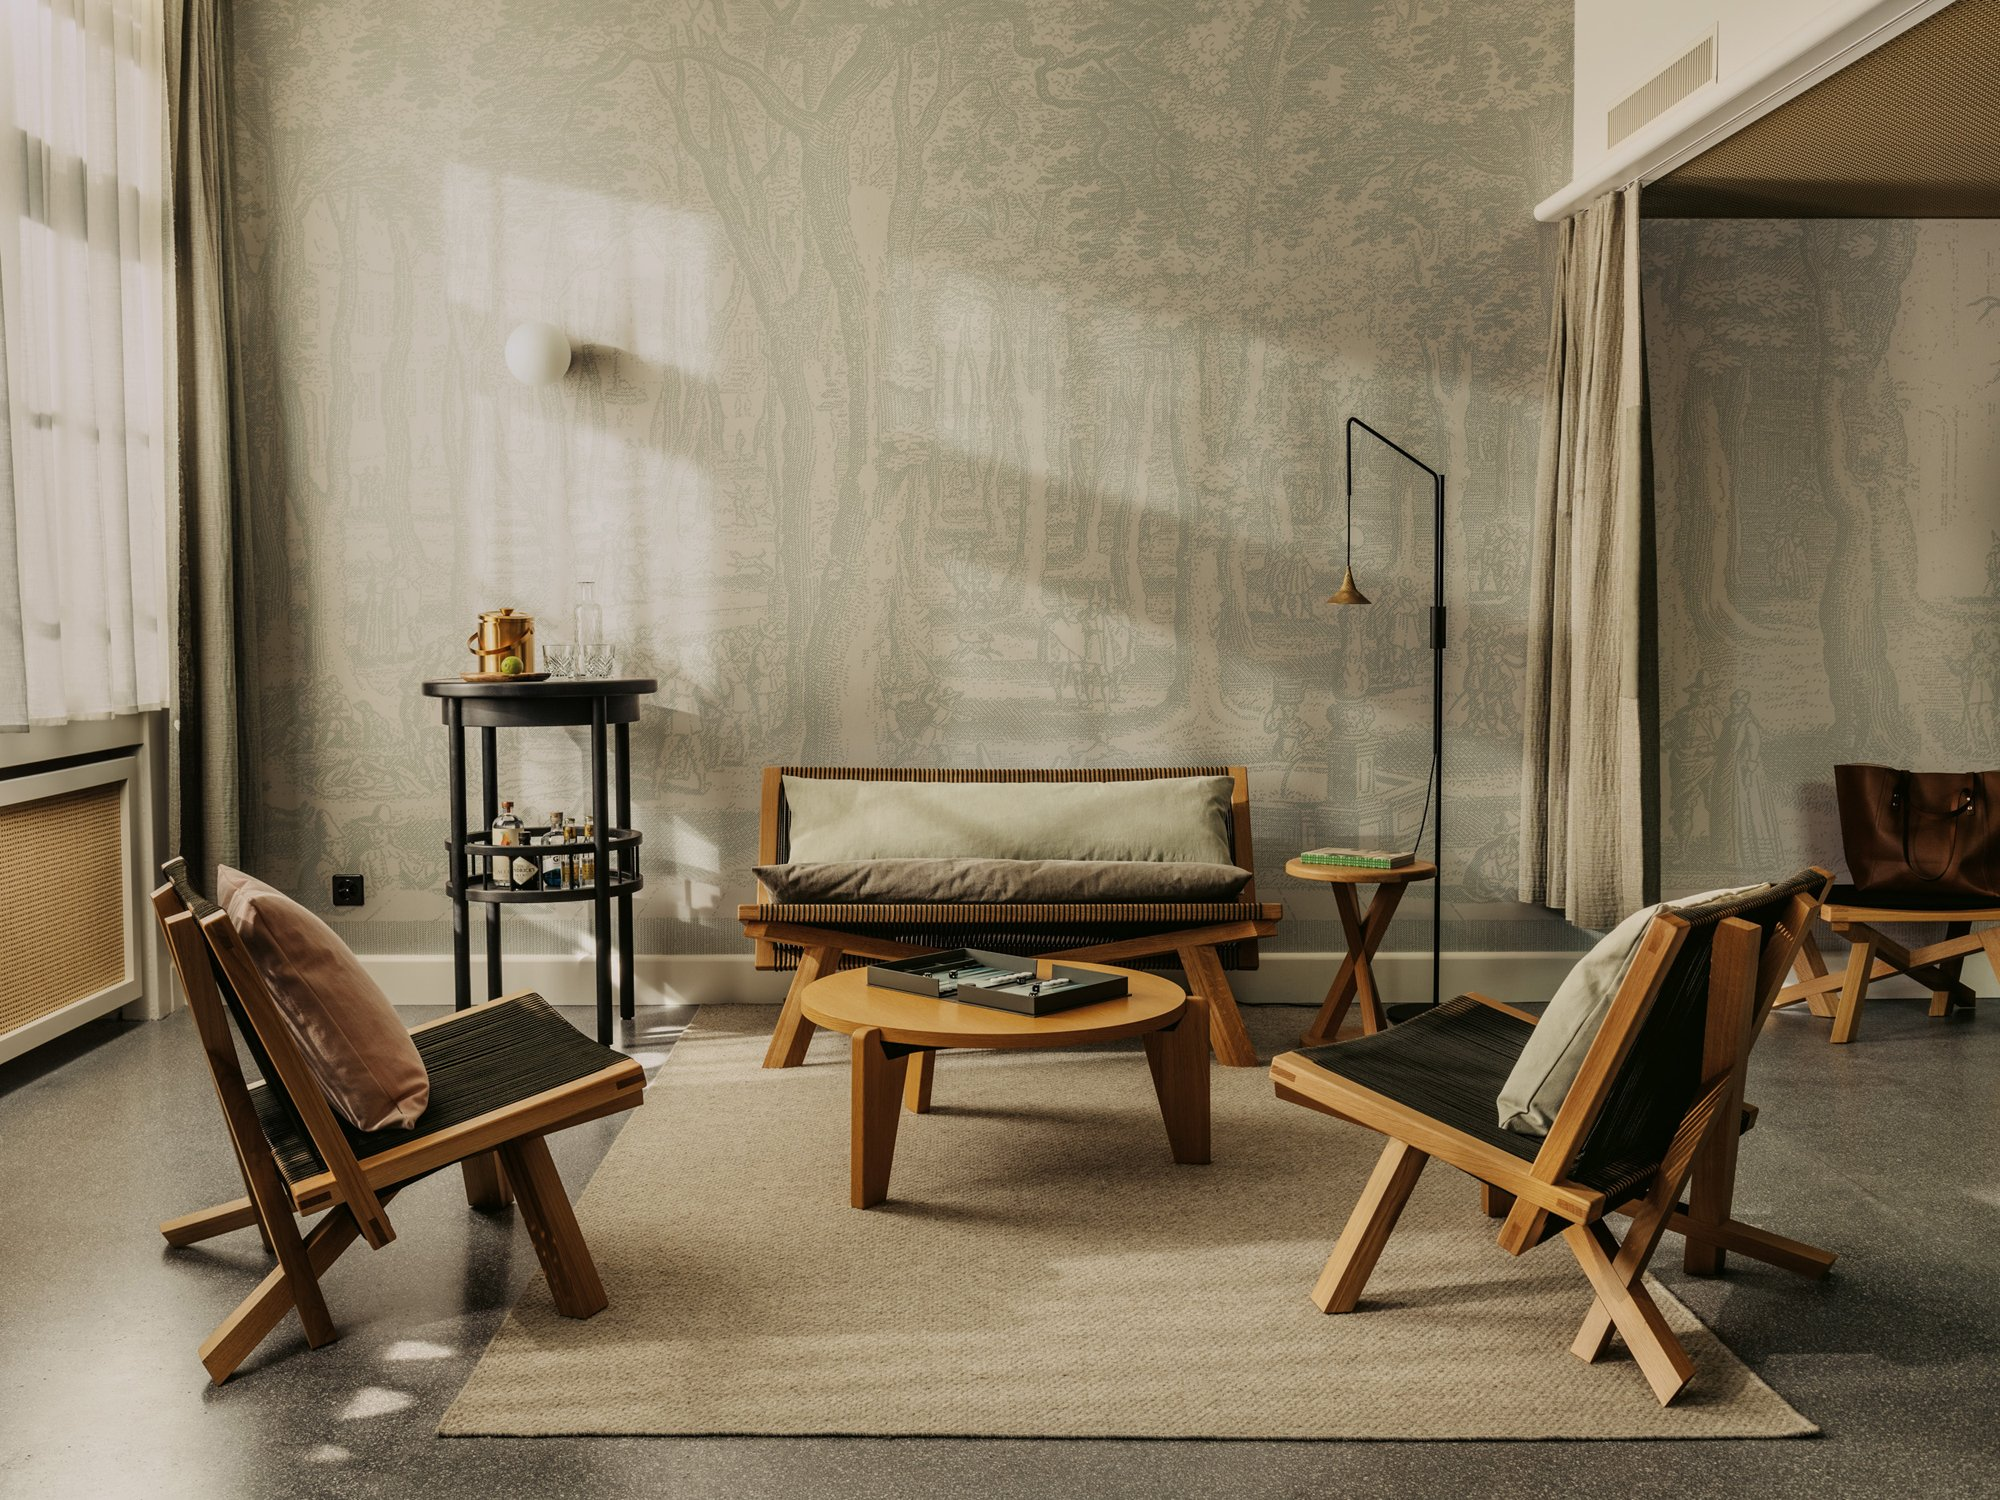 """Die Wände sind mit eigens angefertigten Tapeten bezogen, auf die naturalistische Radierungen aus dem 17. Jahrhundert übertragen wurden. """"Zusammen mit den Vorhängen entsteht so ein 'textiler' Schlafraum, der Geborgenheit vermittelt"""", erklären Herzog & de Meuron."""